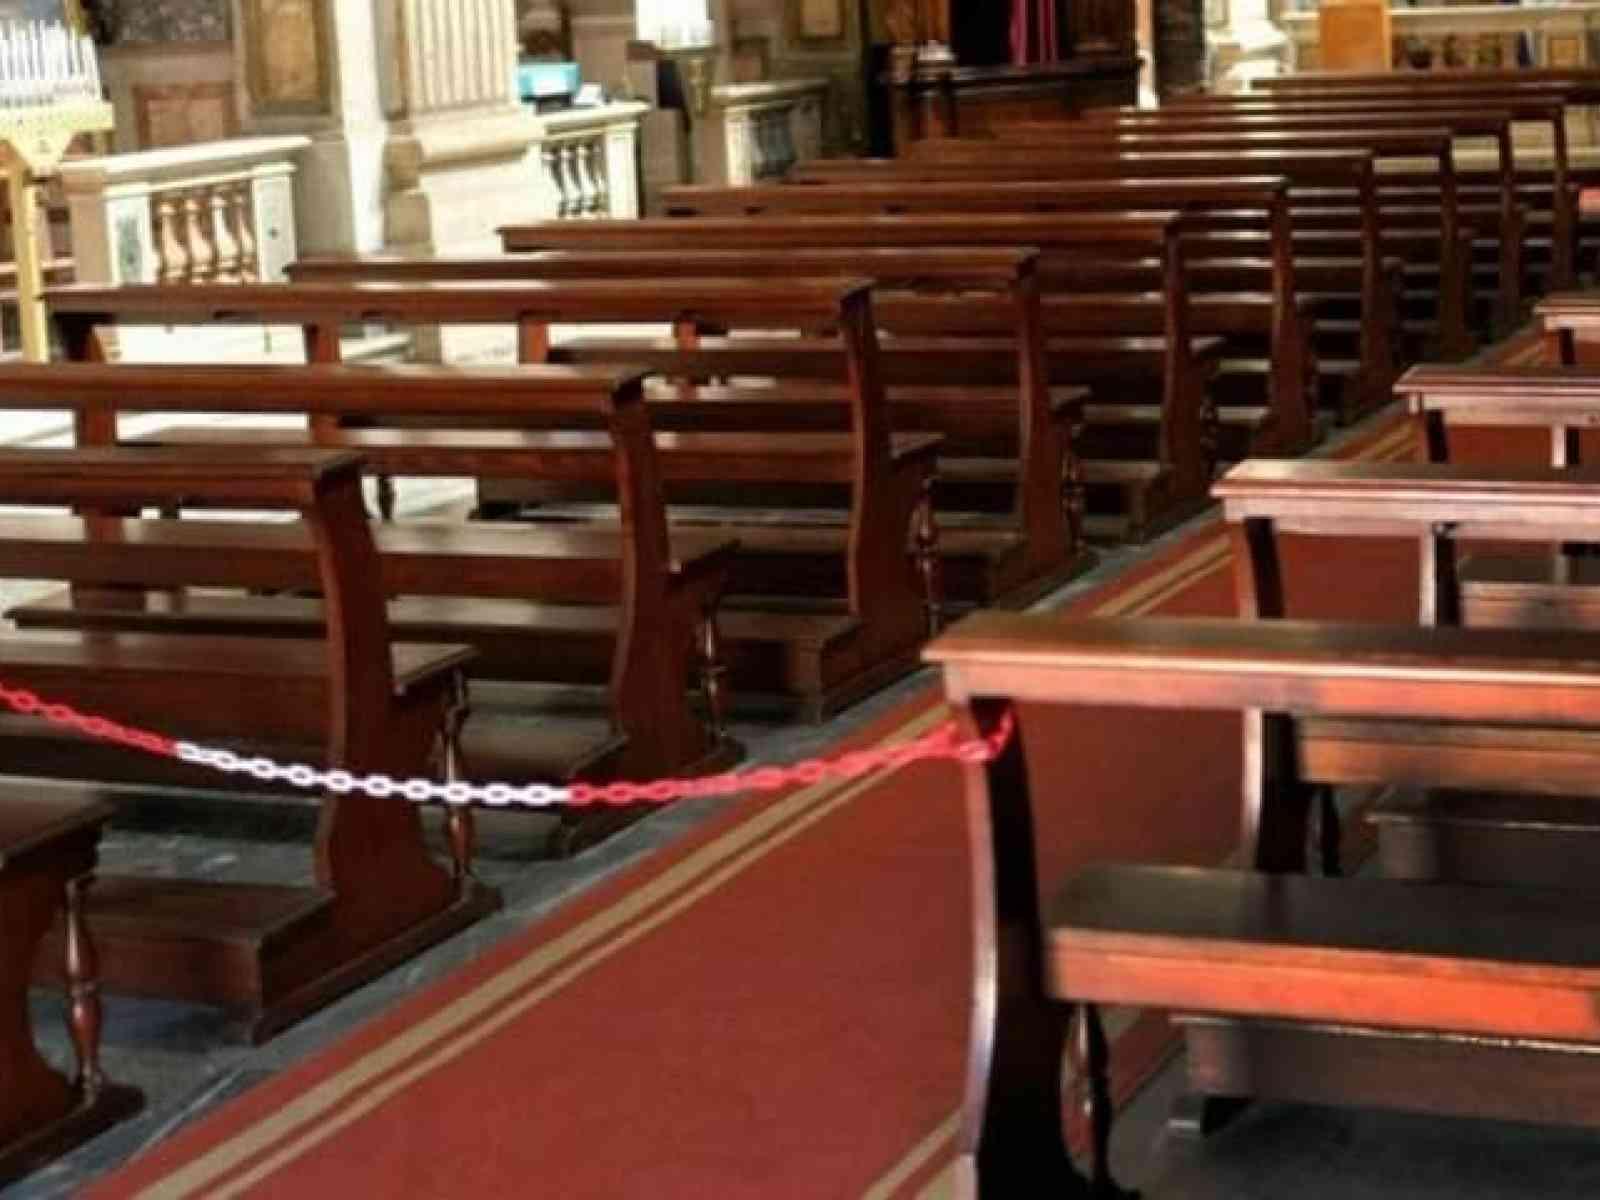 Immagine articolo: Valderice, scoppia focolaio nella parrocchia di Crocci: 8 i positivi facenti parte del coro parrocchiale